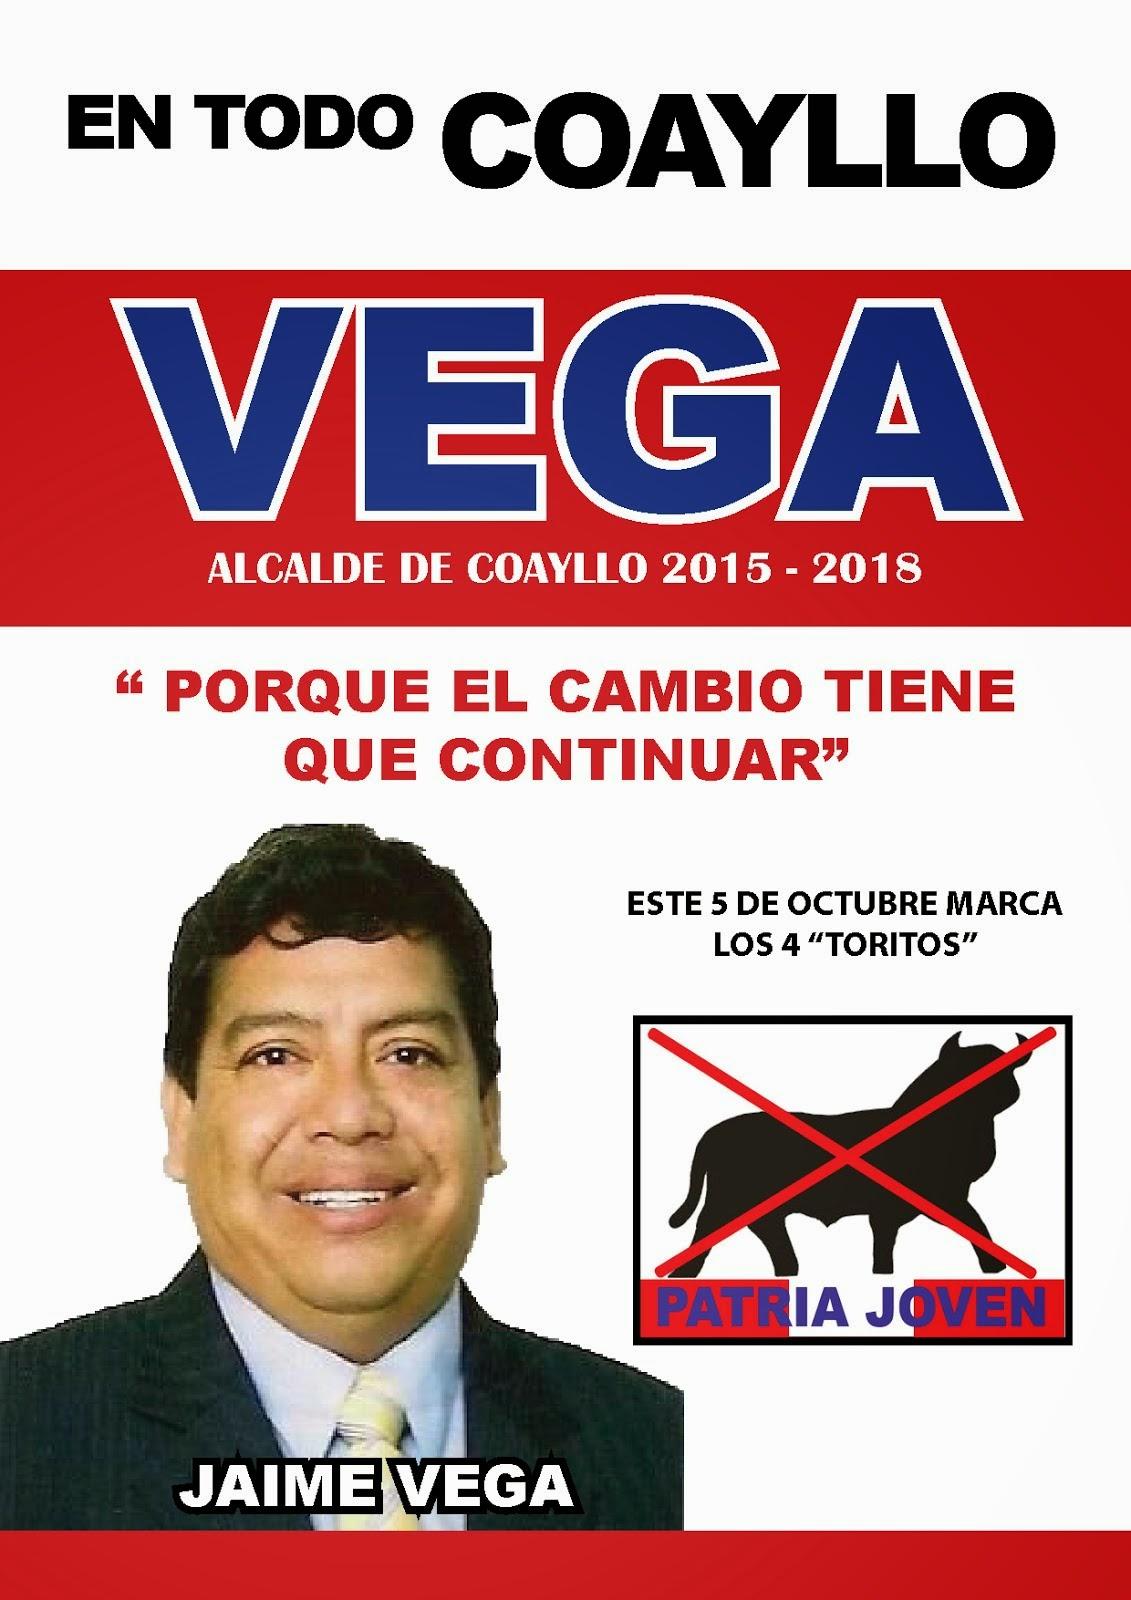 Jaime VEGA alcalde de Coayllo 2015 - 2018